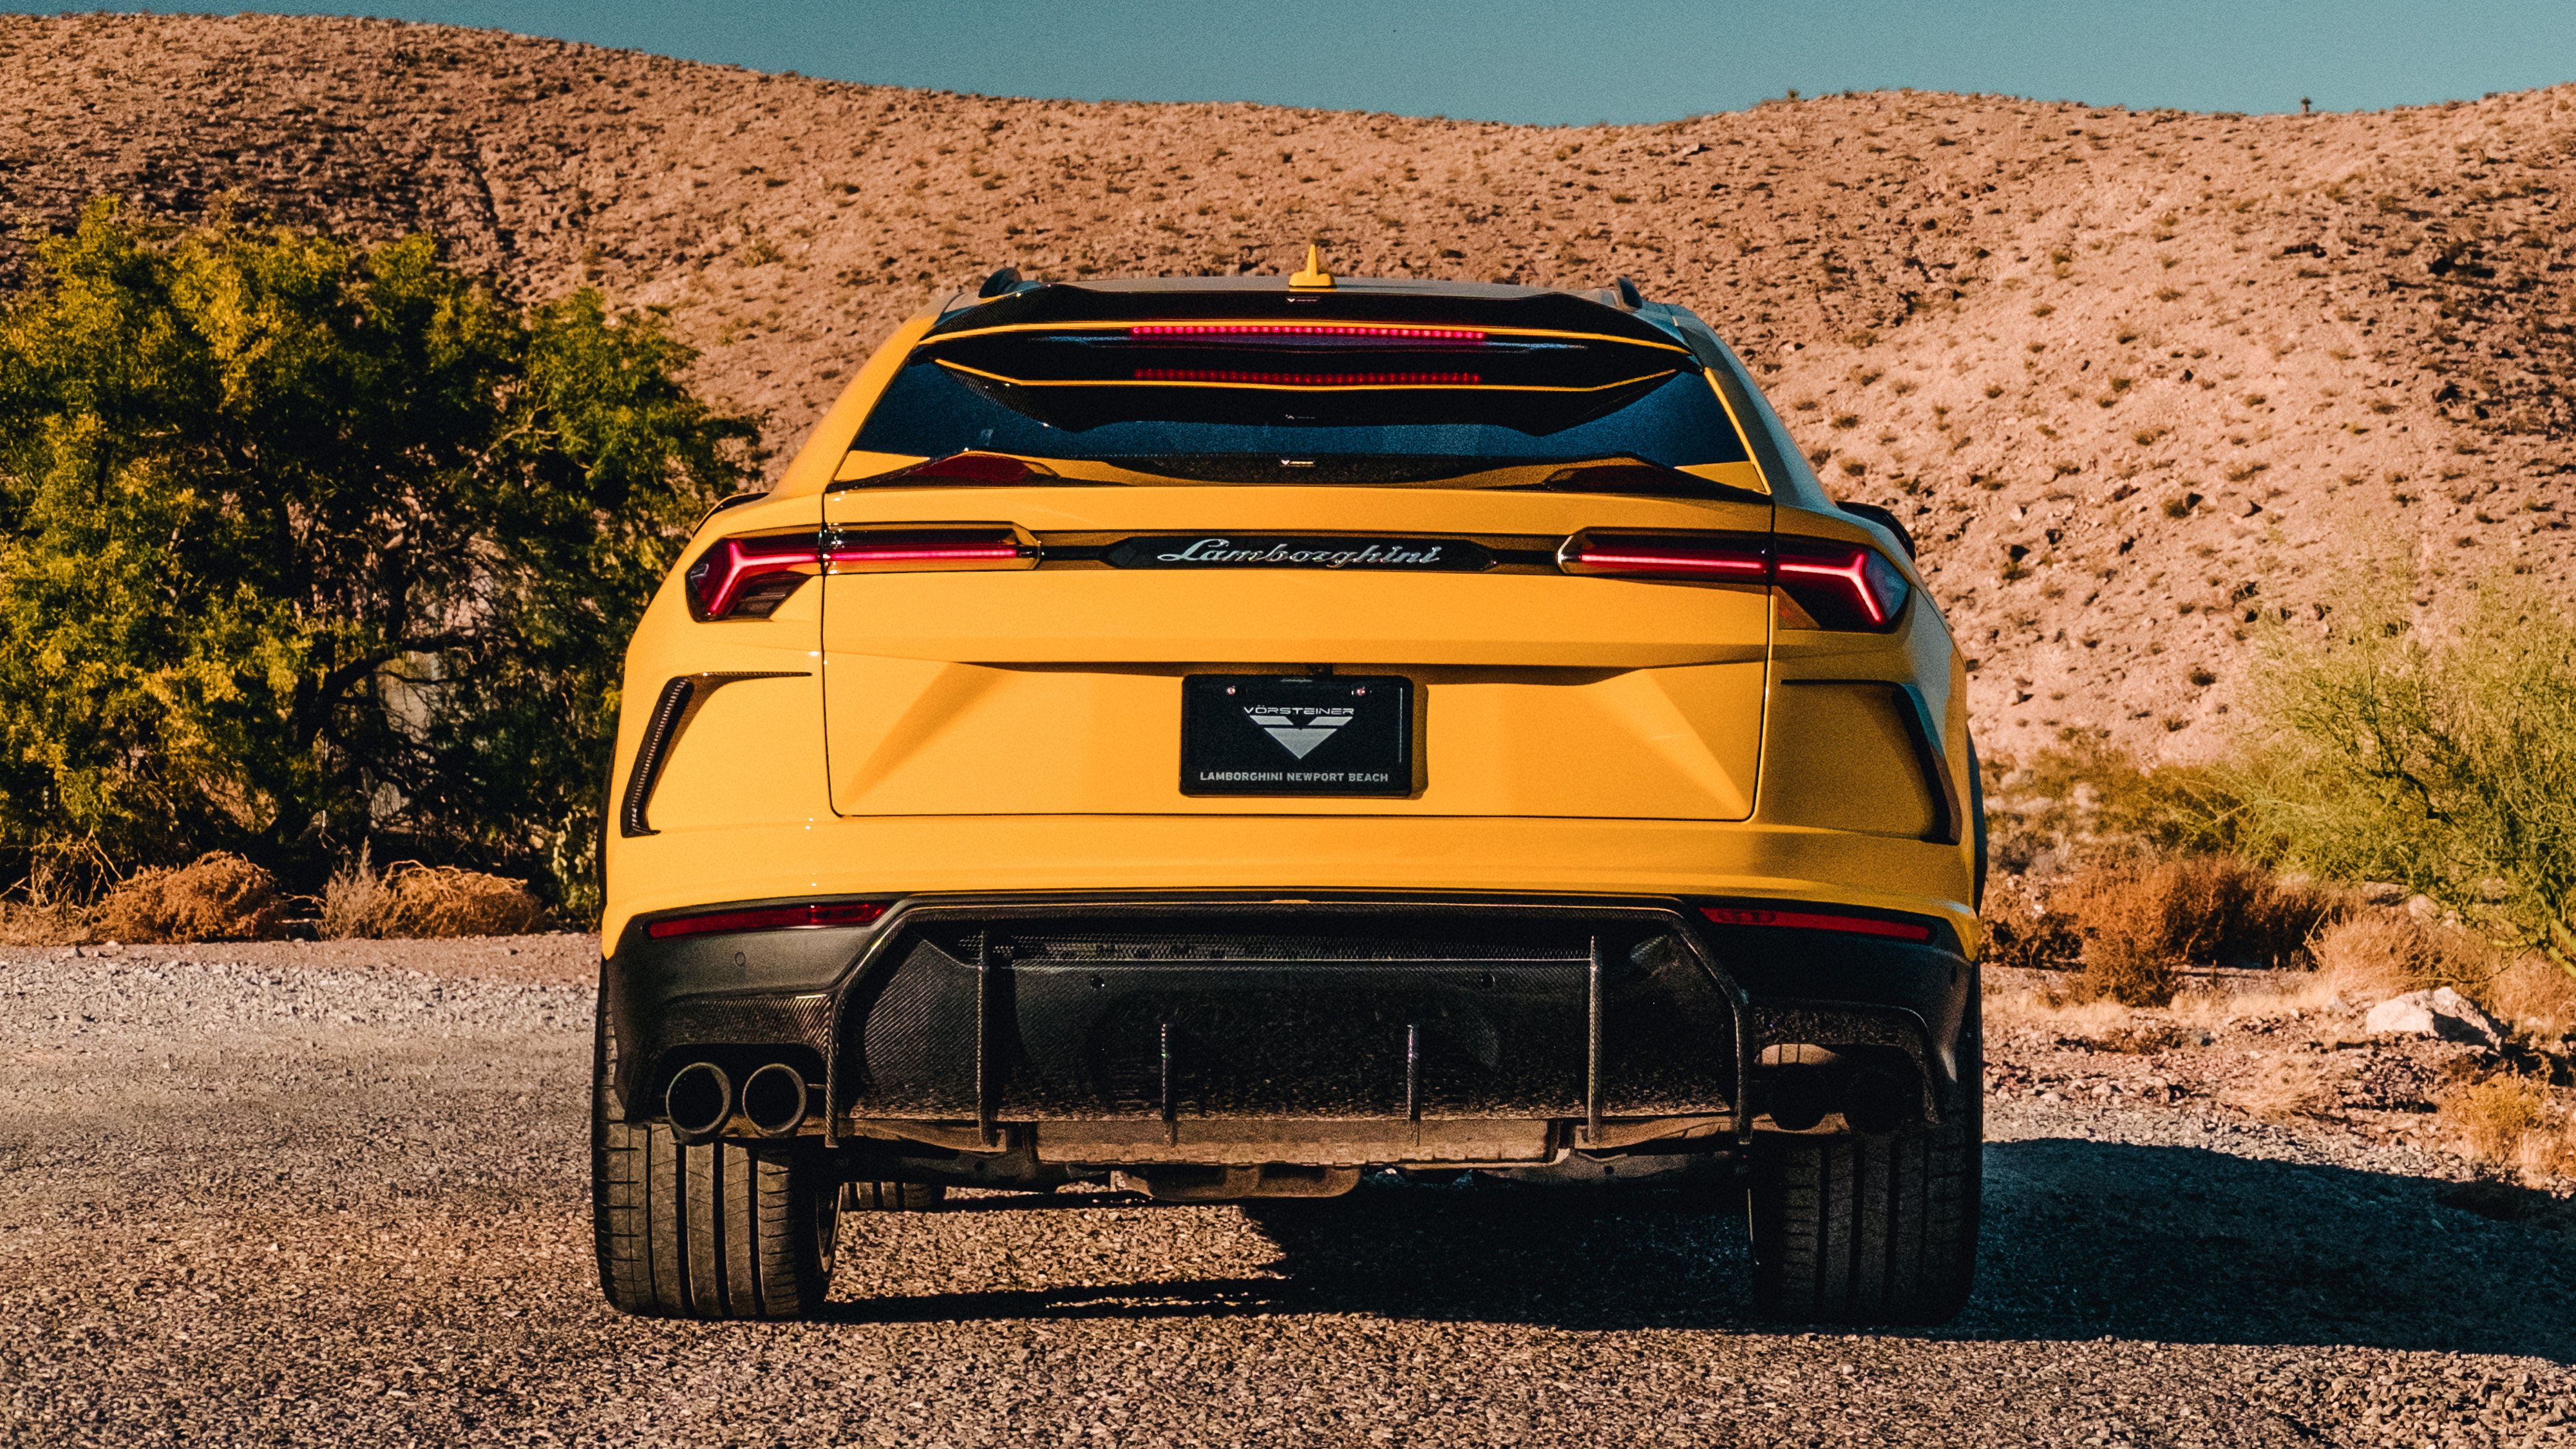 Vorsteiner Lamborghini Urus 2019 4k 2 Wallpaper Hd Car Wallpapers Id 13926